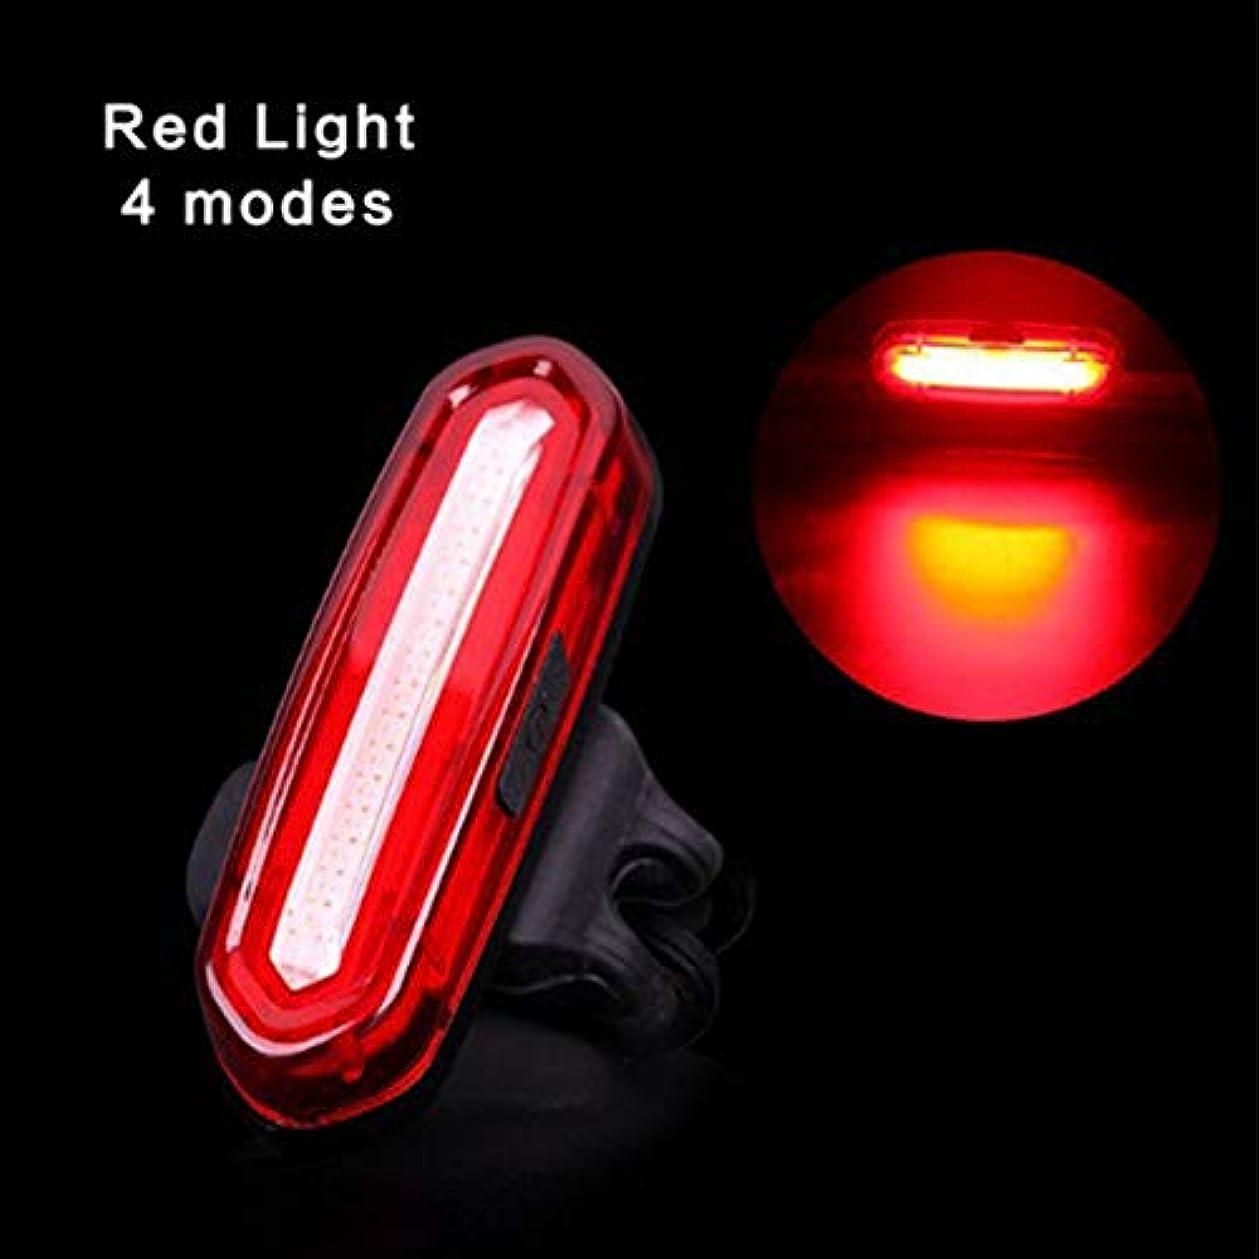 受け皿遠征送るUSB充電式自転車ライト 自転車テールライト、自転車ライトUSB充電式リア自転車ライトクイックリリースマウンテンバイクテールライトスーパーブライトLED自転車ライト - サイクリング安全のための防水赤いテールライト (Color : Red)